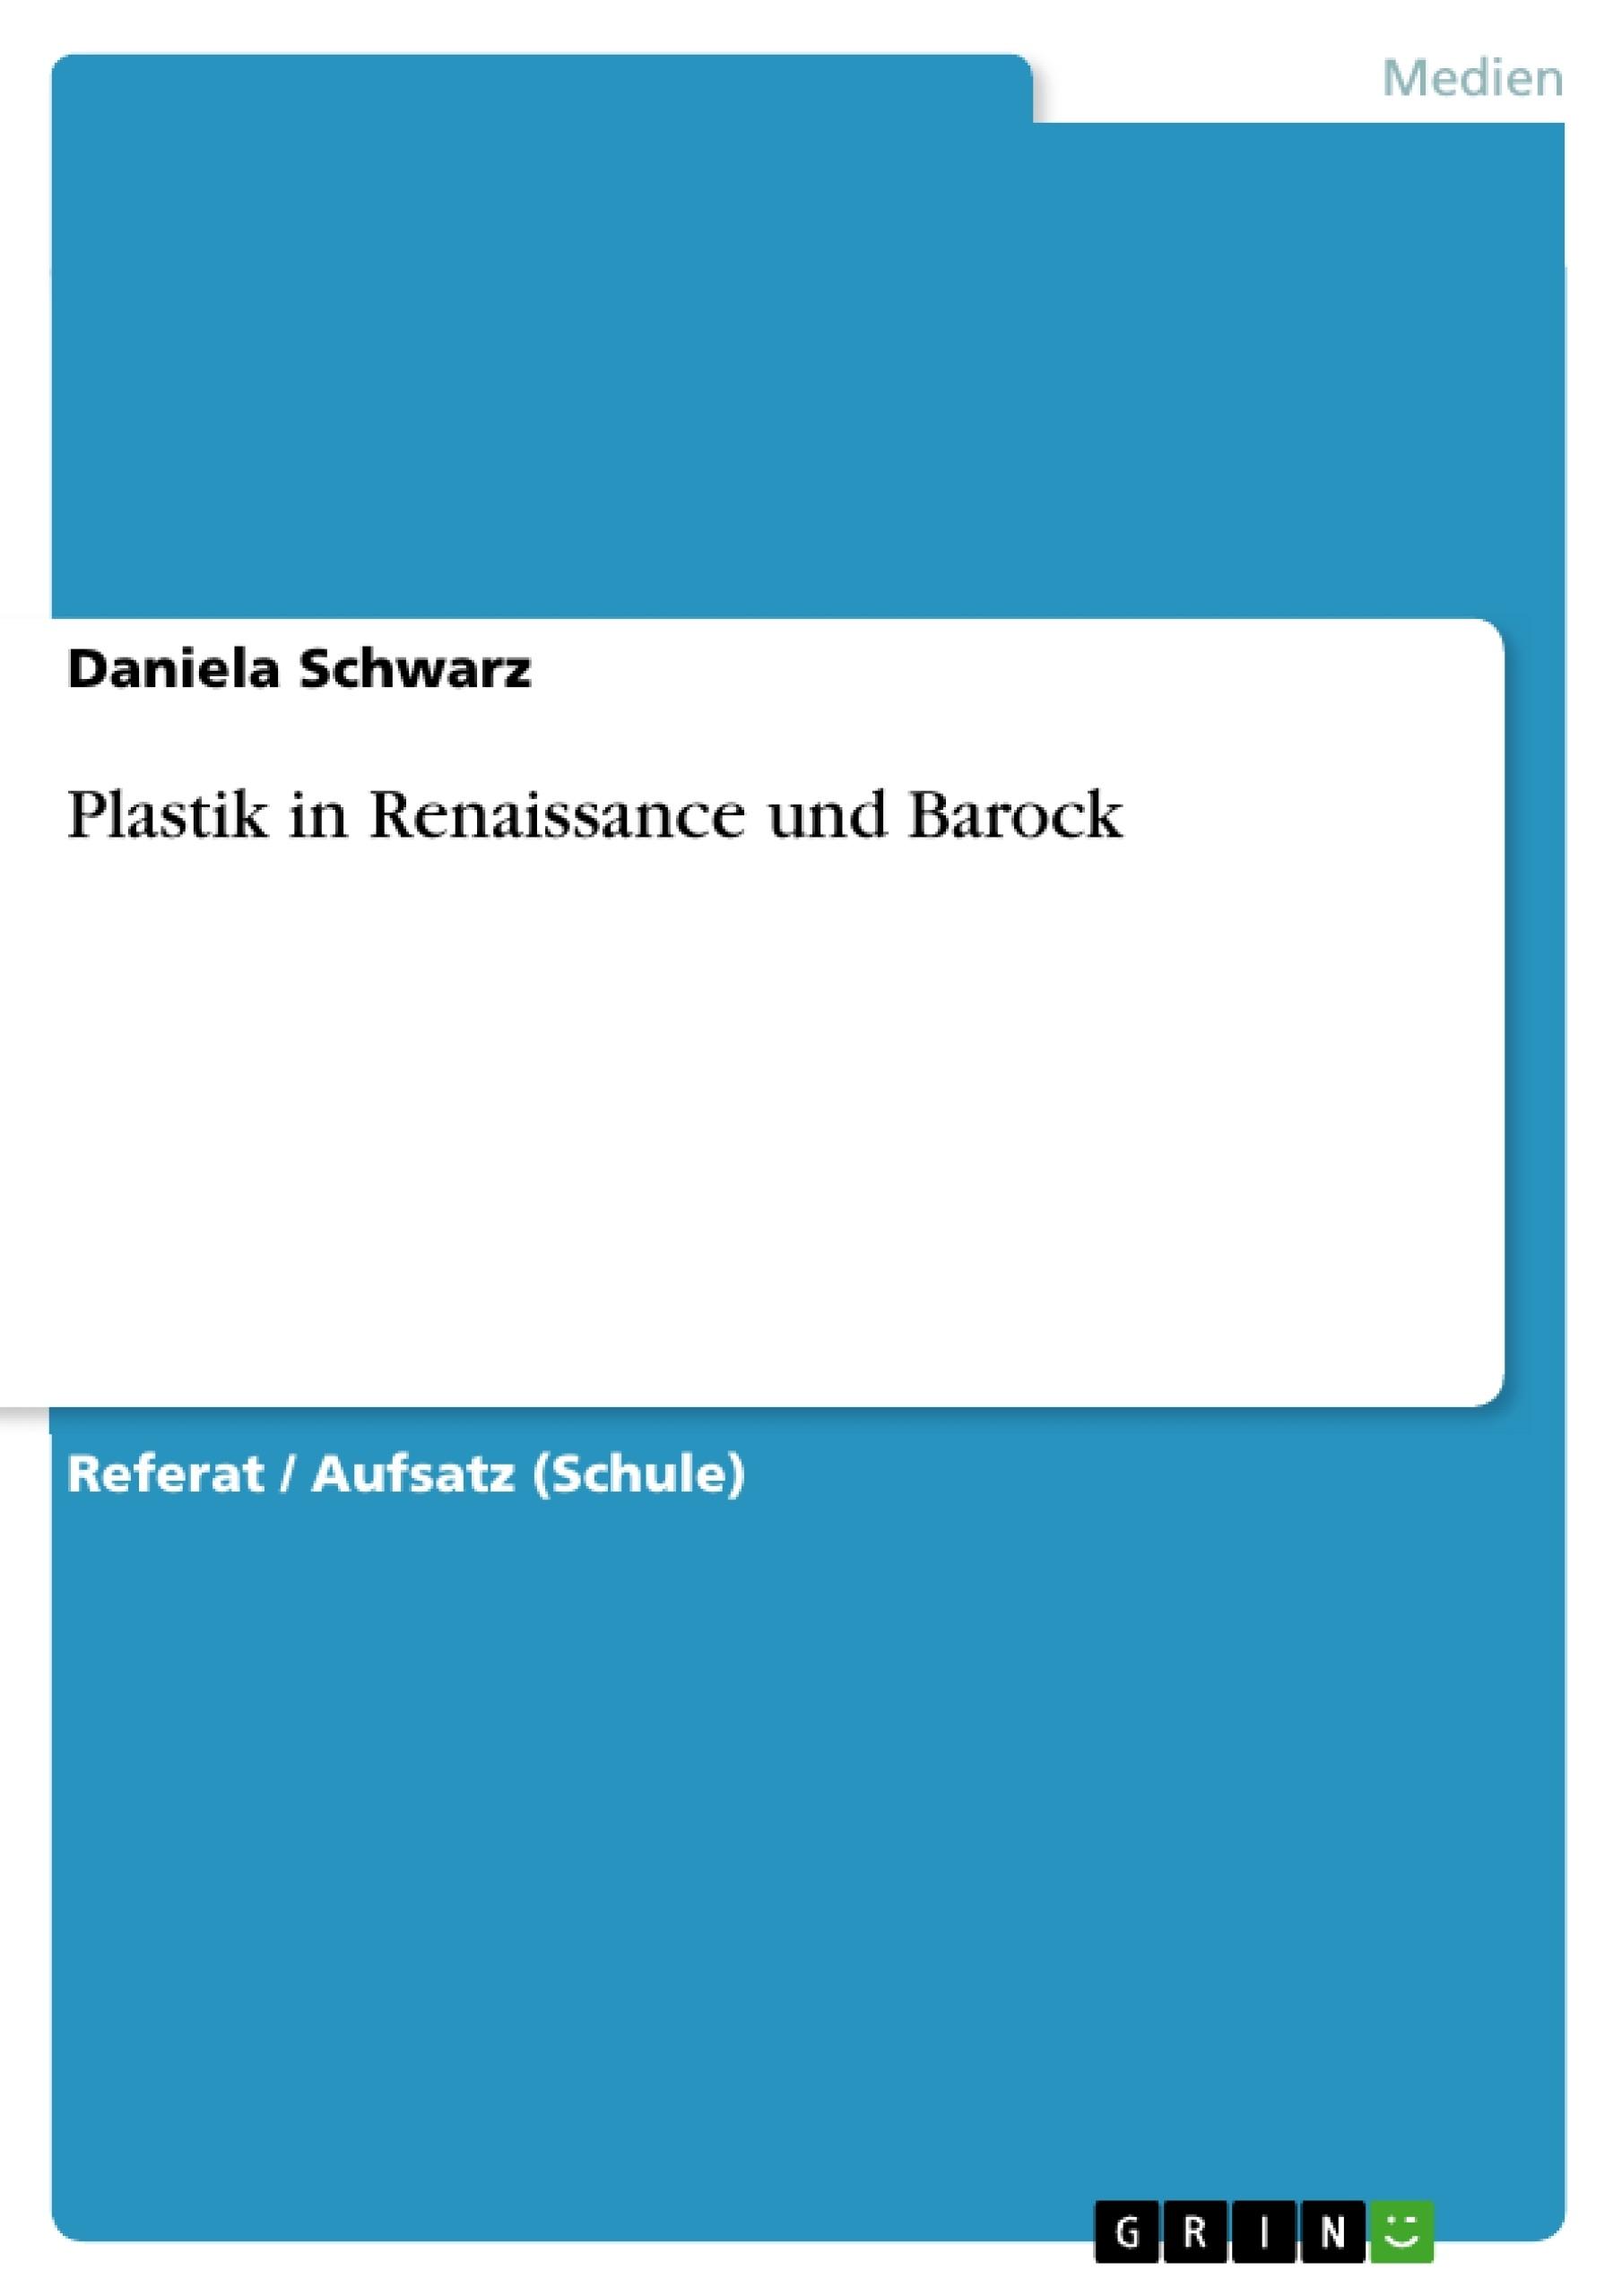 Titel: Plastik in Renaissance und Barock